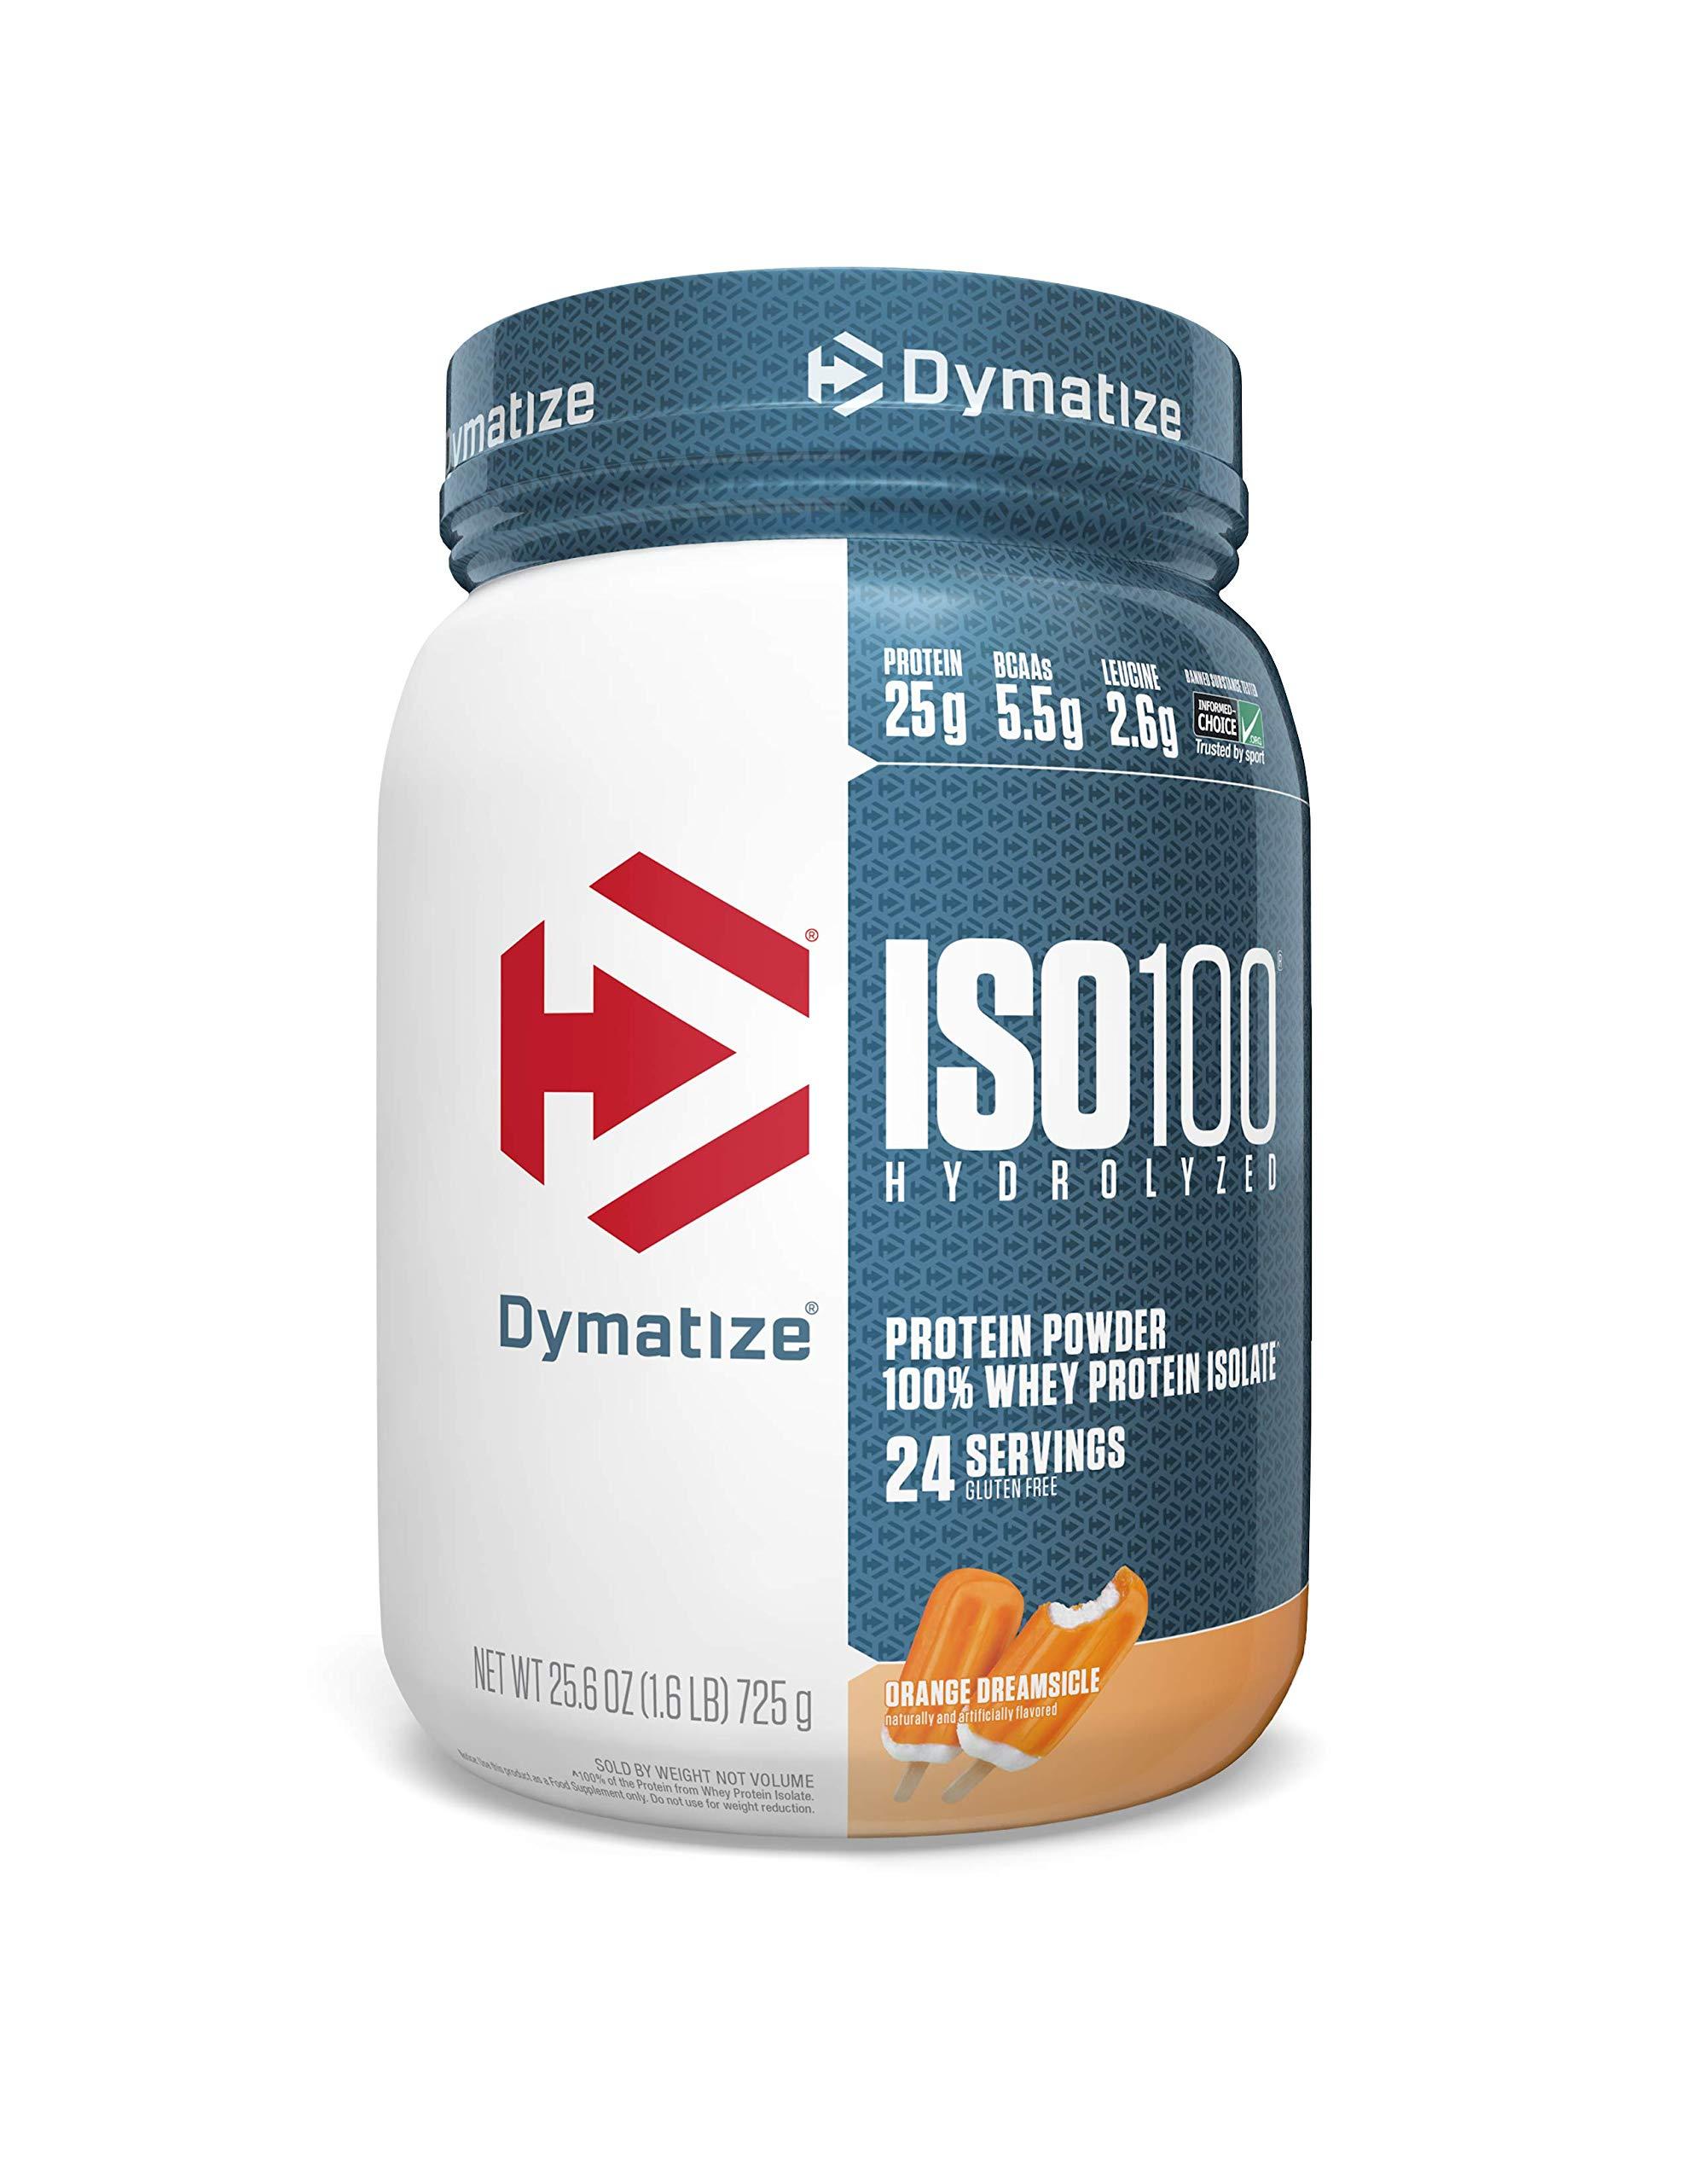 Dymatize Whey Protein Powder with 25g of Hydrolyzed Gluten Free, Orange, 1.6 Pound